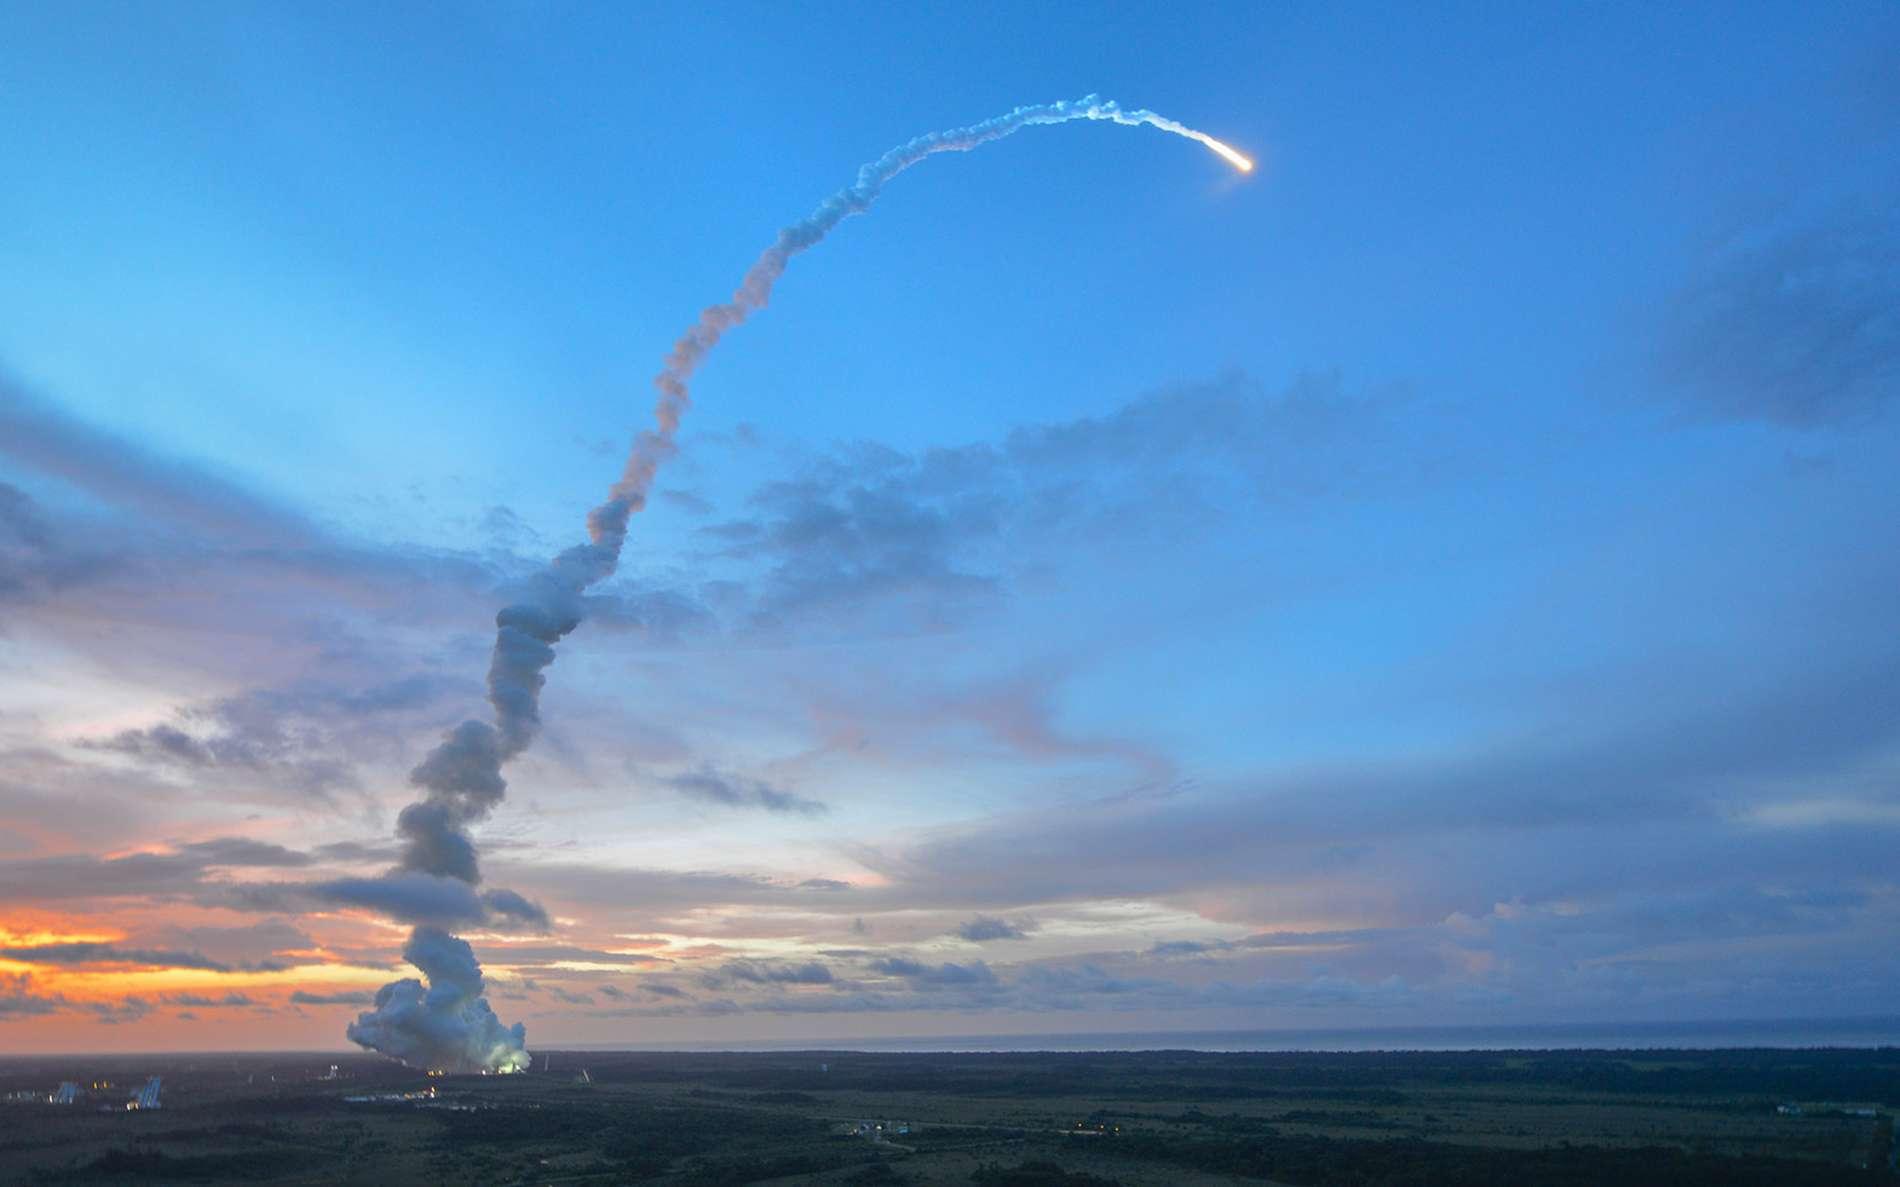 Lancement de l'ATV-4, en juin 2013. © ESA, S. Corvaja